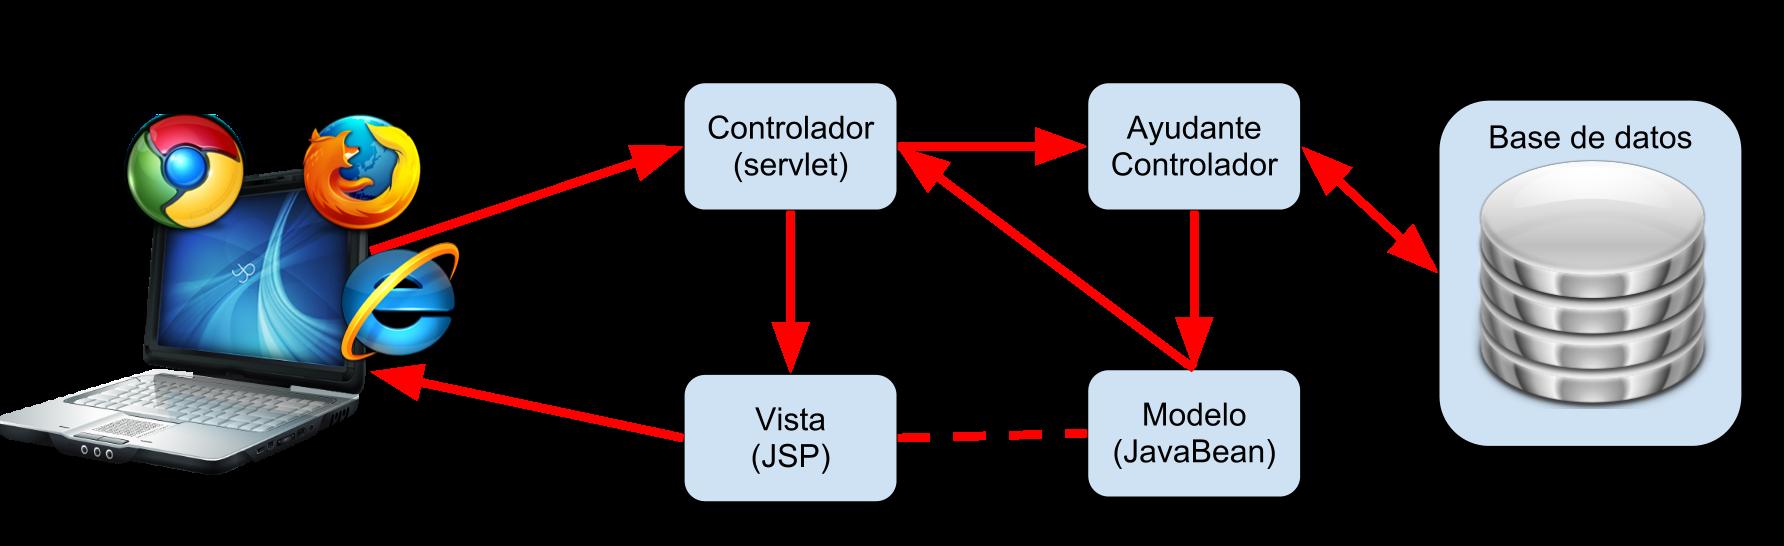 Java Model 2 Sitio Web De Javier García Escobedo